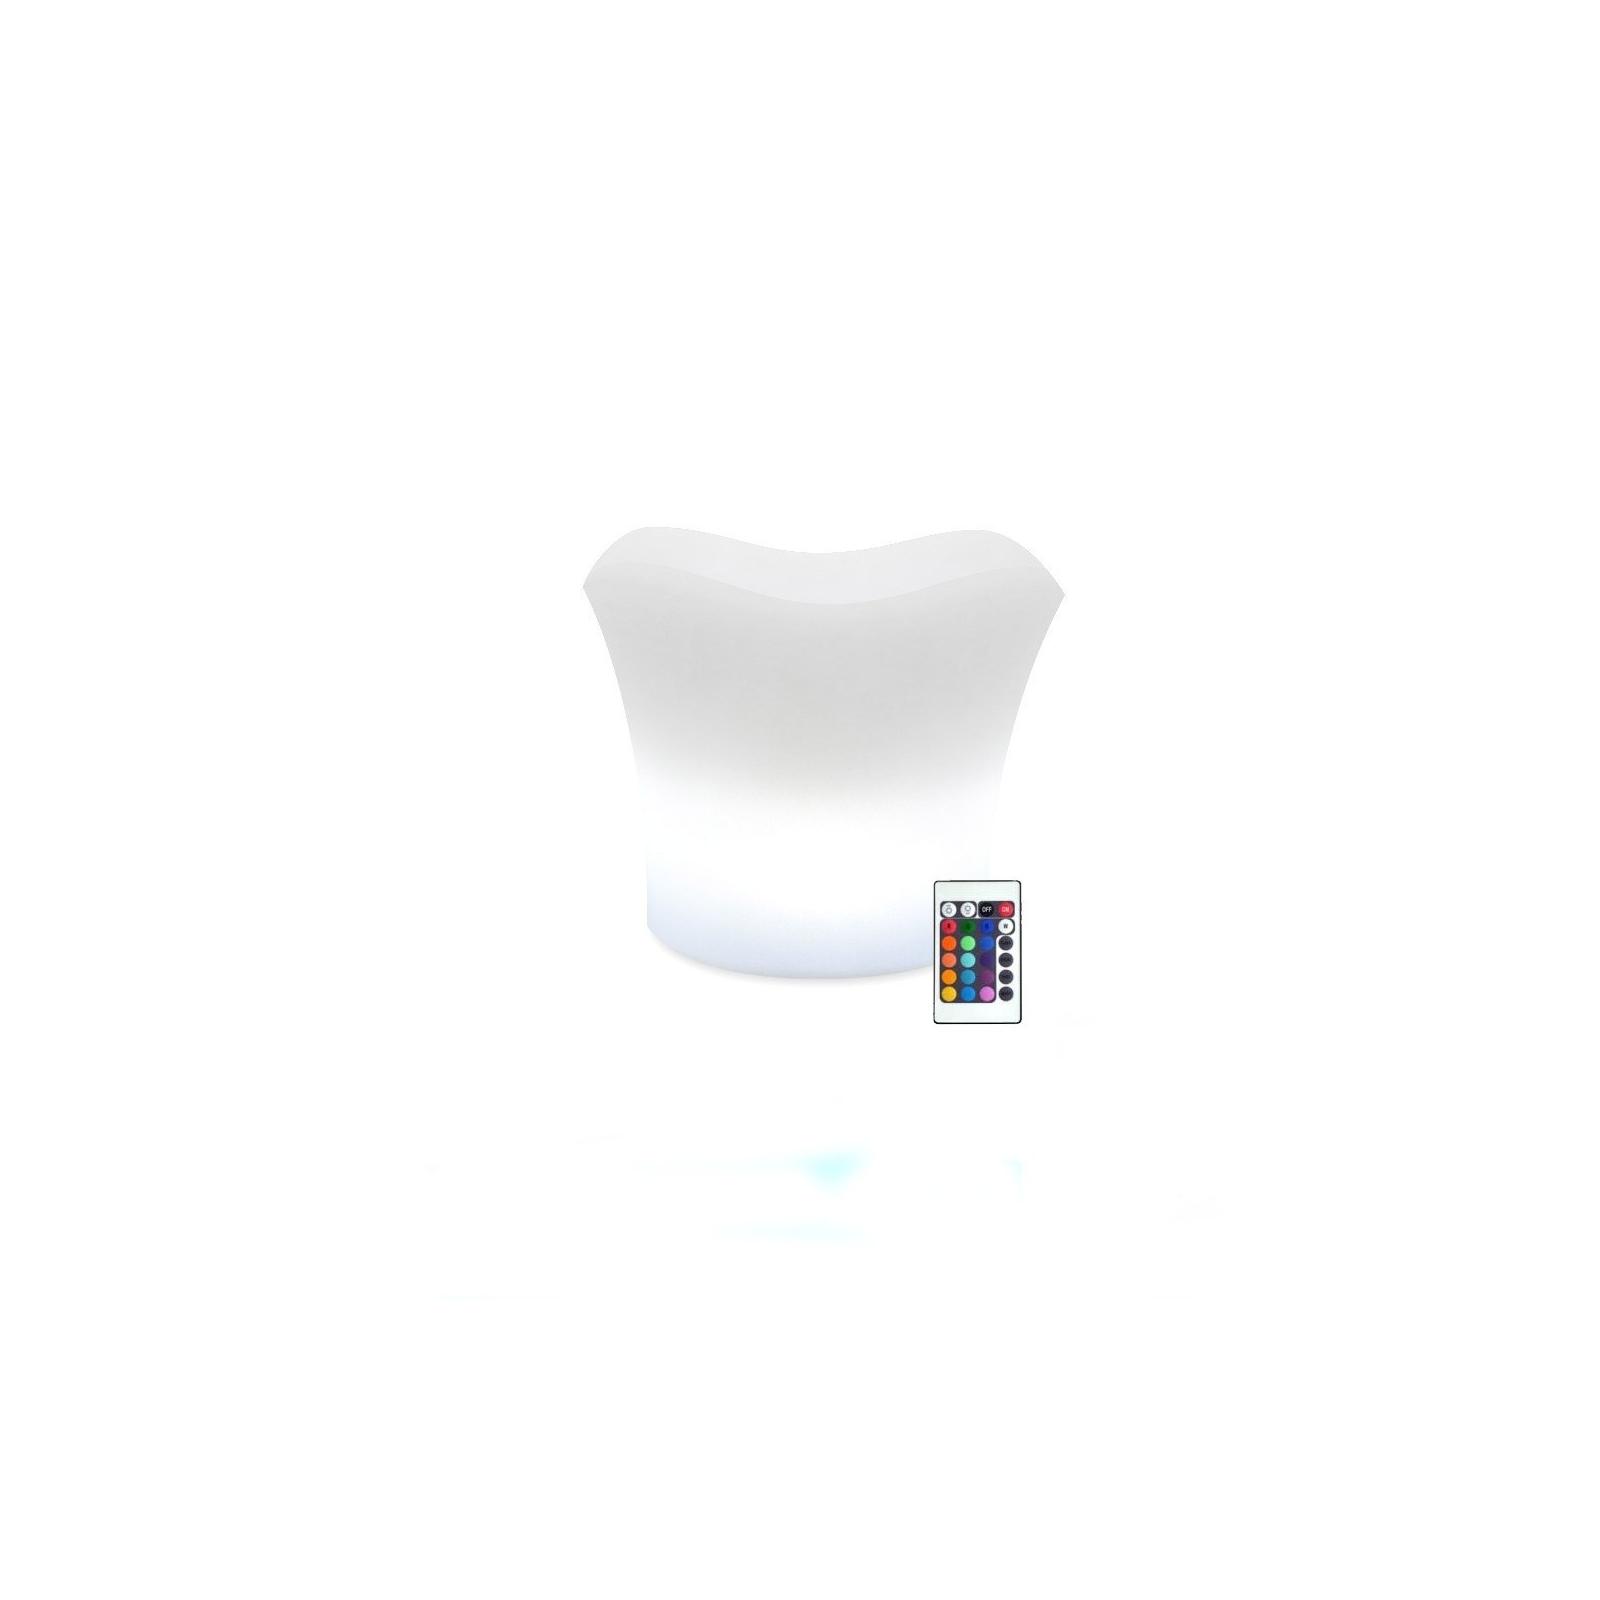 Seau Bouteille Lumineux LED Multicolore Etanche